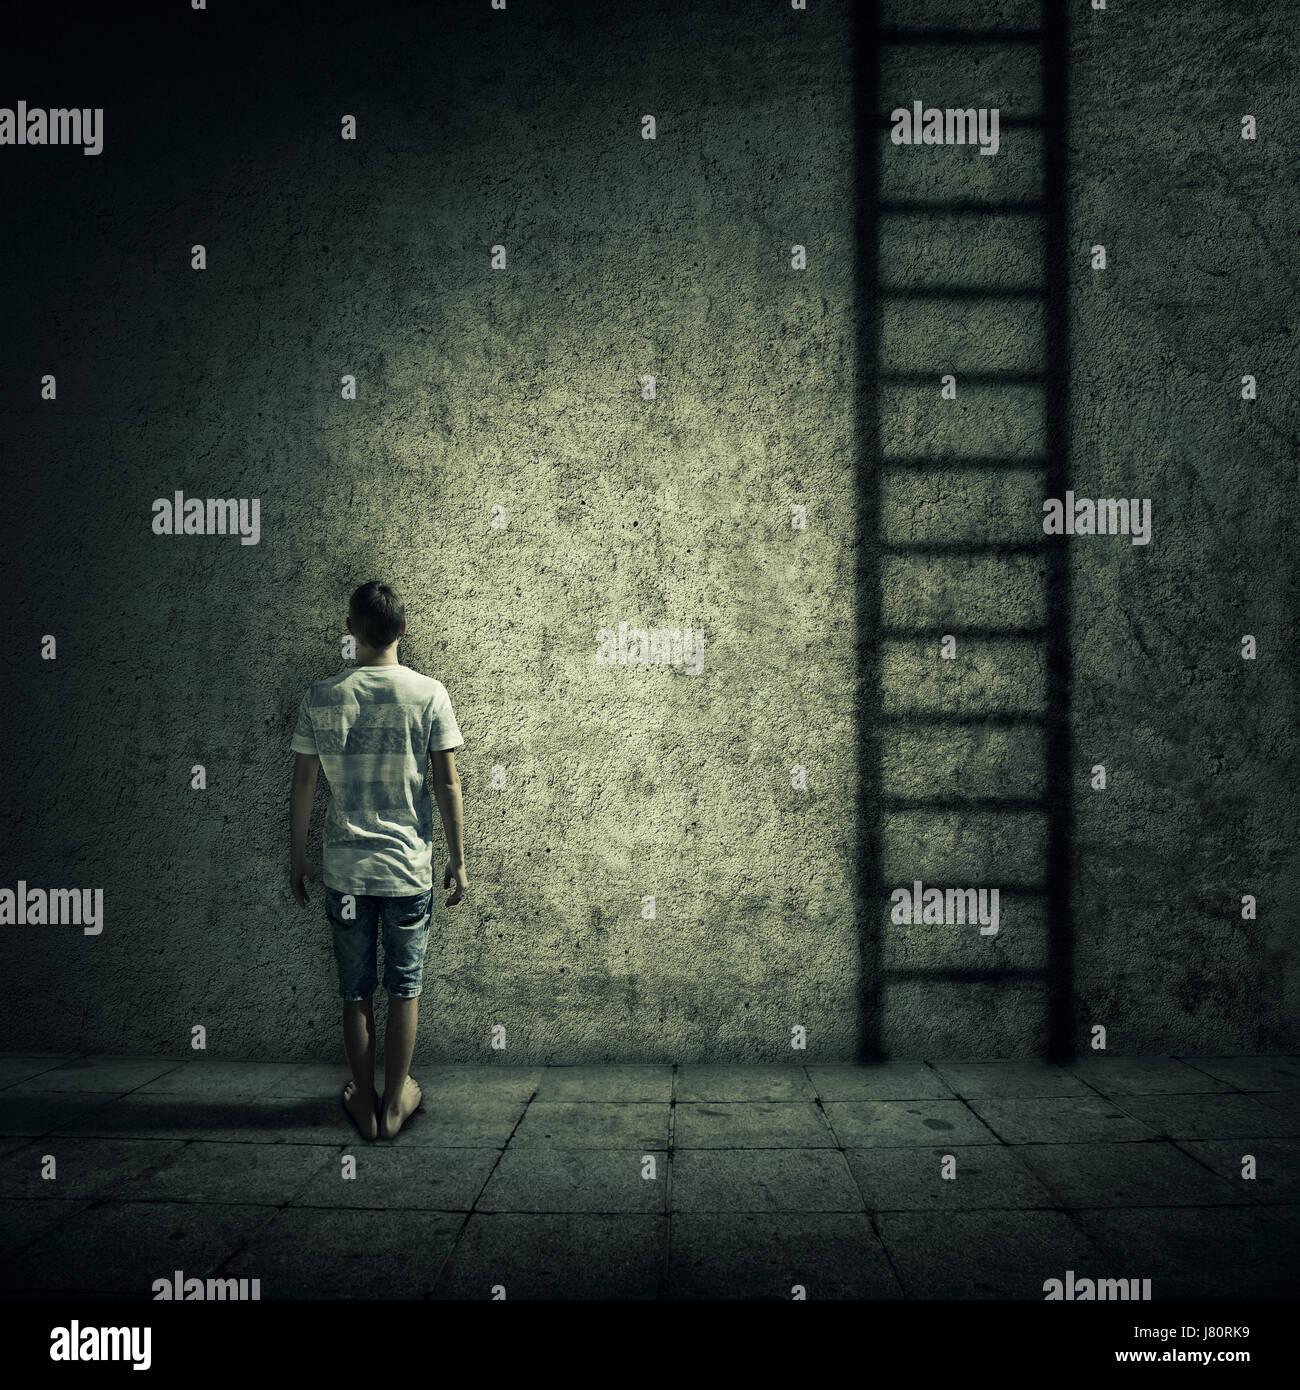 Idea astratta di una persona in piedi in una stanza buia, di fronte a un muro di cemento, immaginando una scaletta Immagini Stock